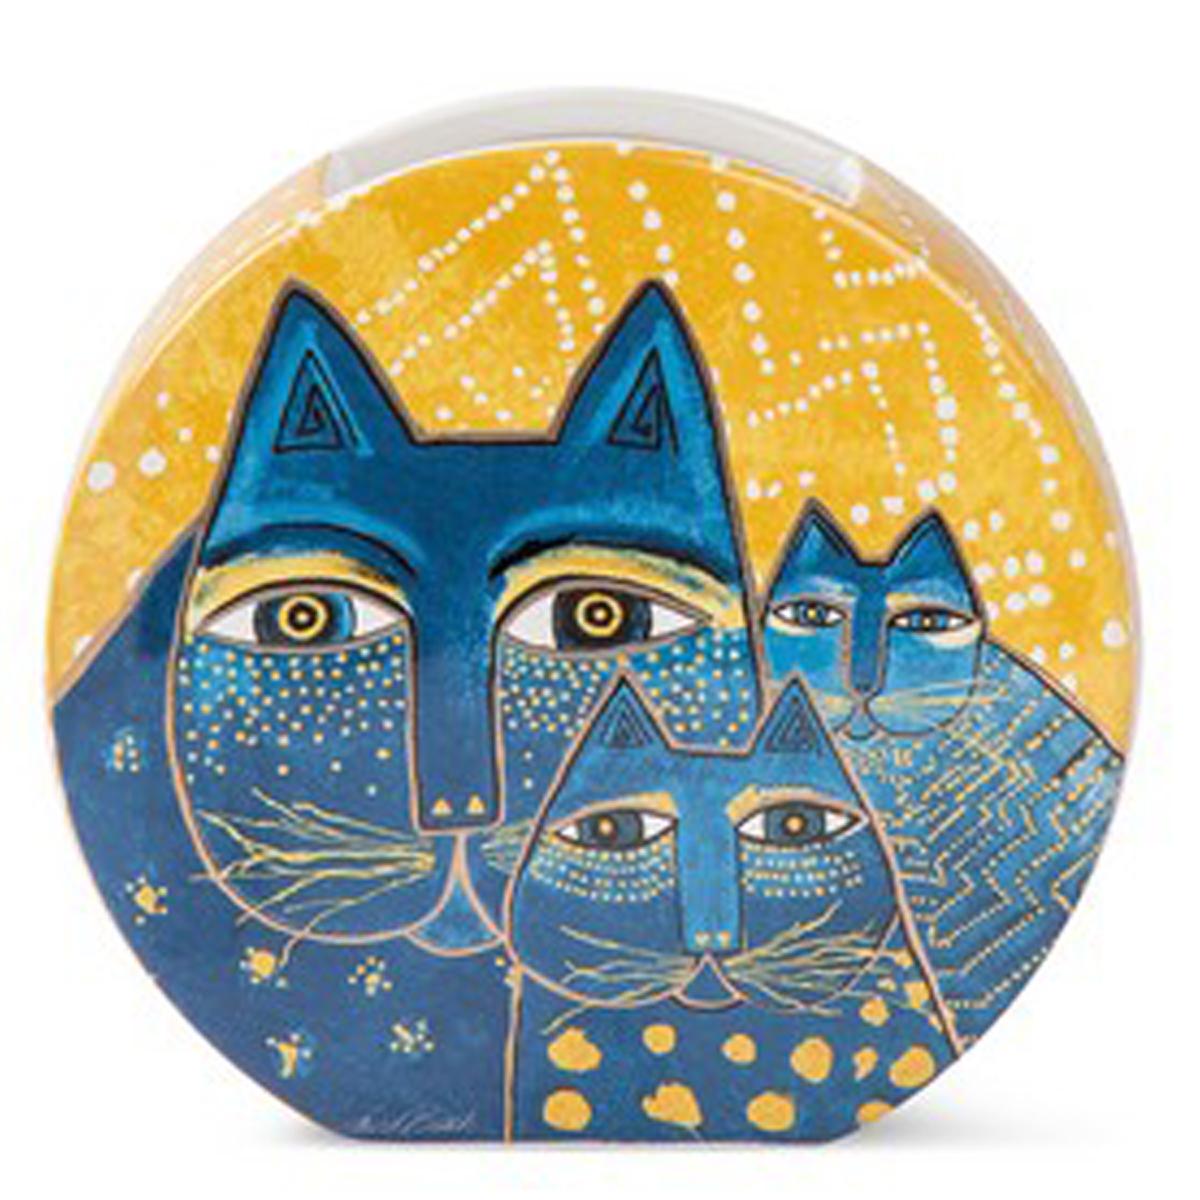 Vase céramique \'Laurel Burch\' jaune bleu (chats) - 17x16 cm - [A2666]